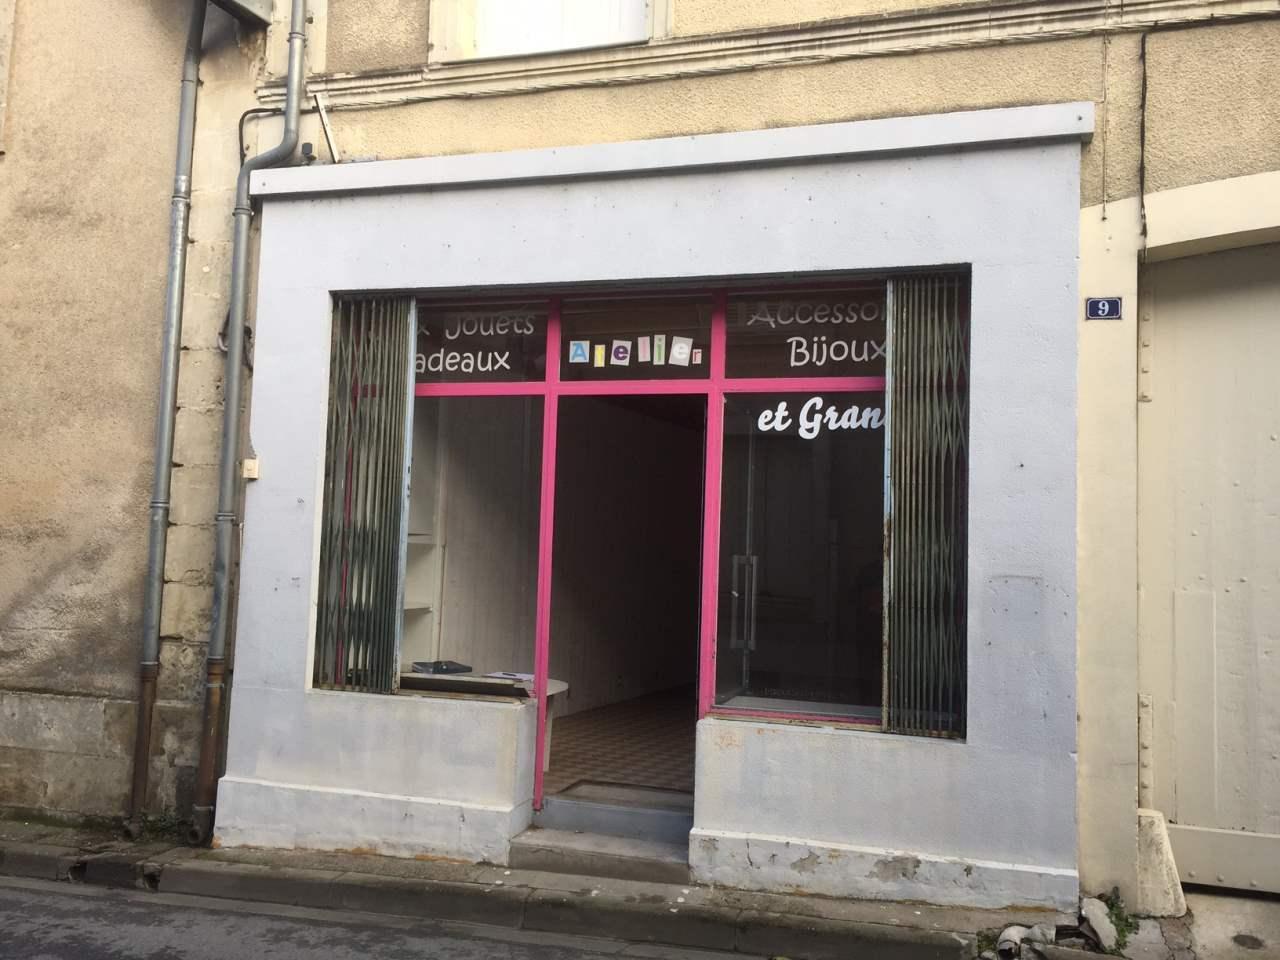 Location Divers Azay Le Rideau Departement 37 Indre Et Loire